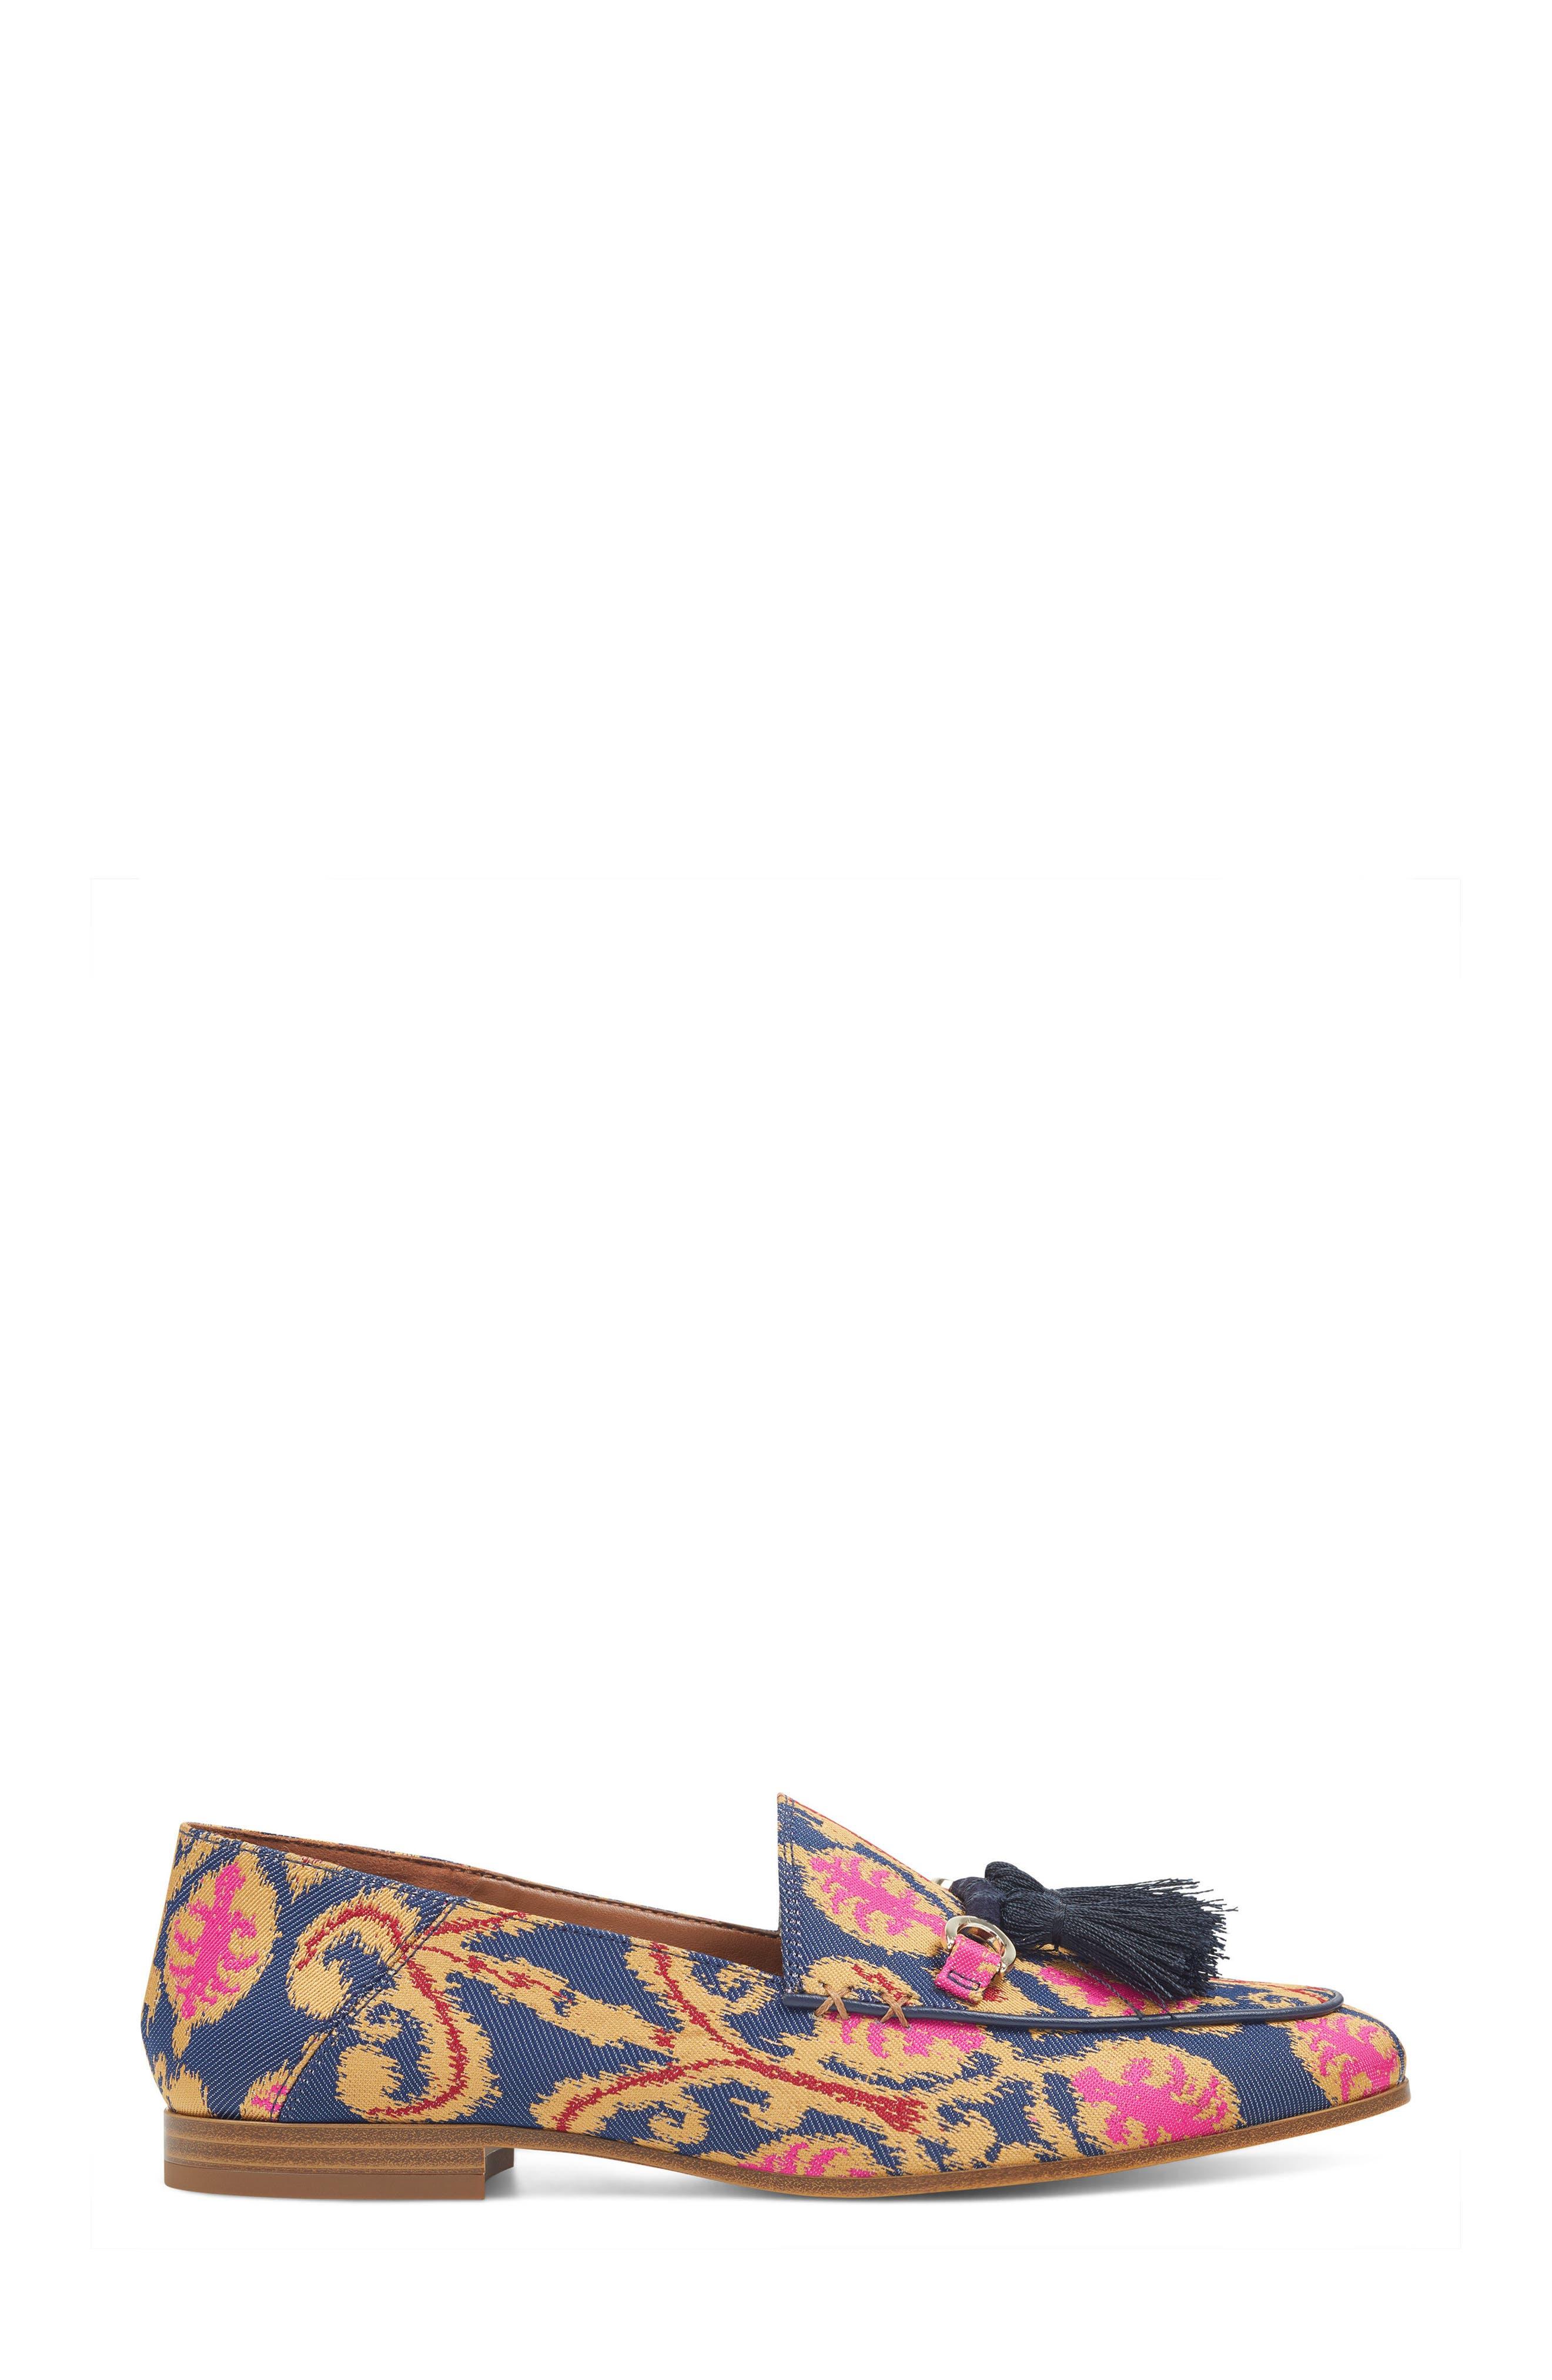 Weslir Tassel Loafer,                             Alternate thumbnail 3, color,                             Blue Multi Fabric